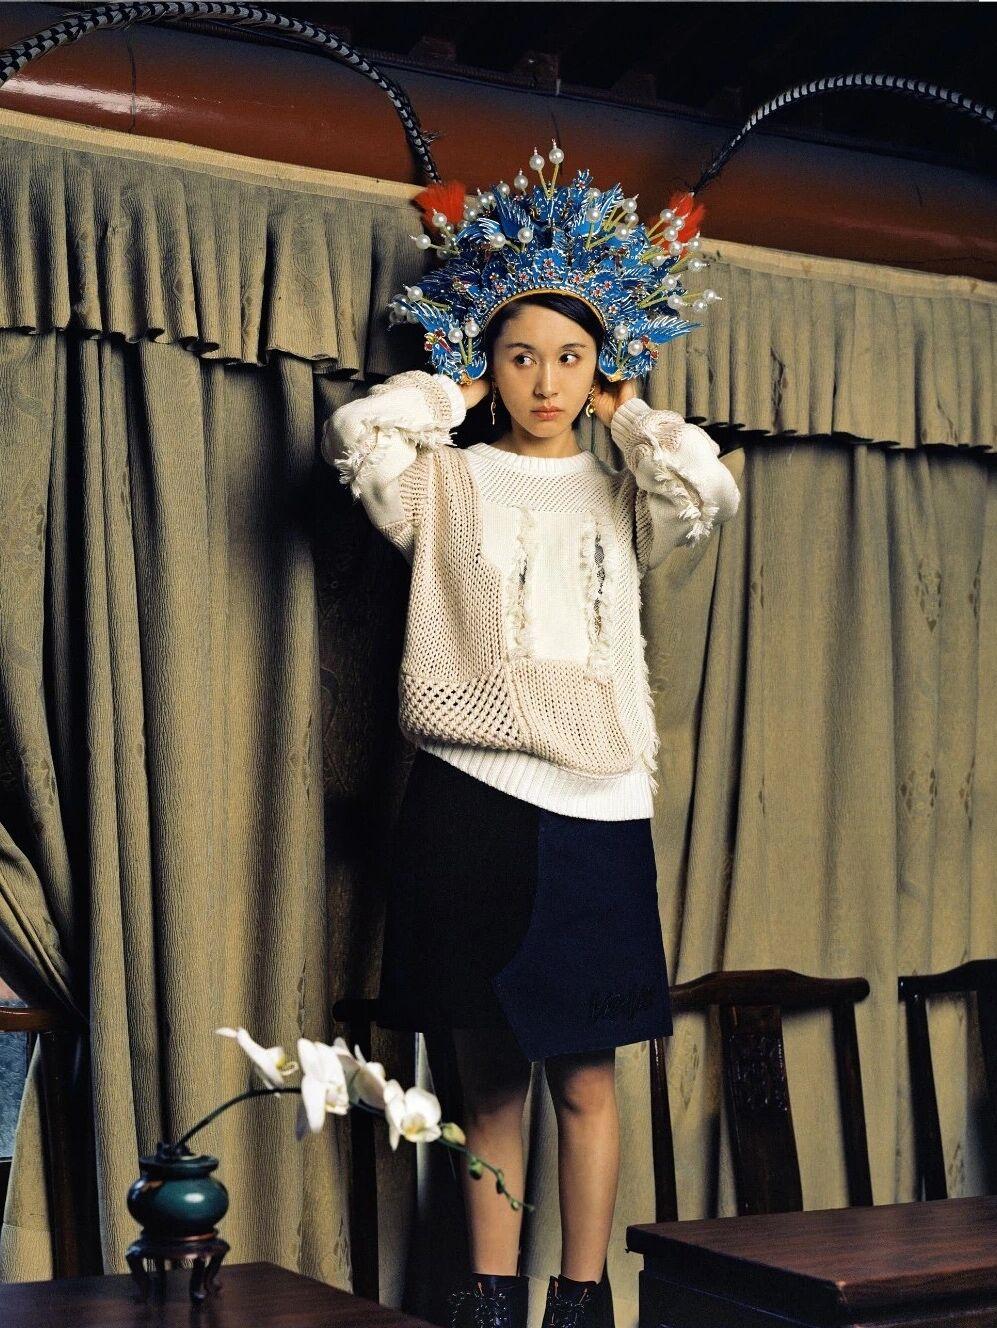 在那里,她不再是演员王子文,而是货真价实的瑜伽博主,缓缓发表者修行心得